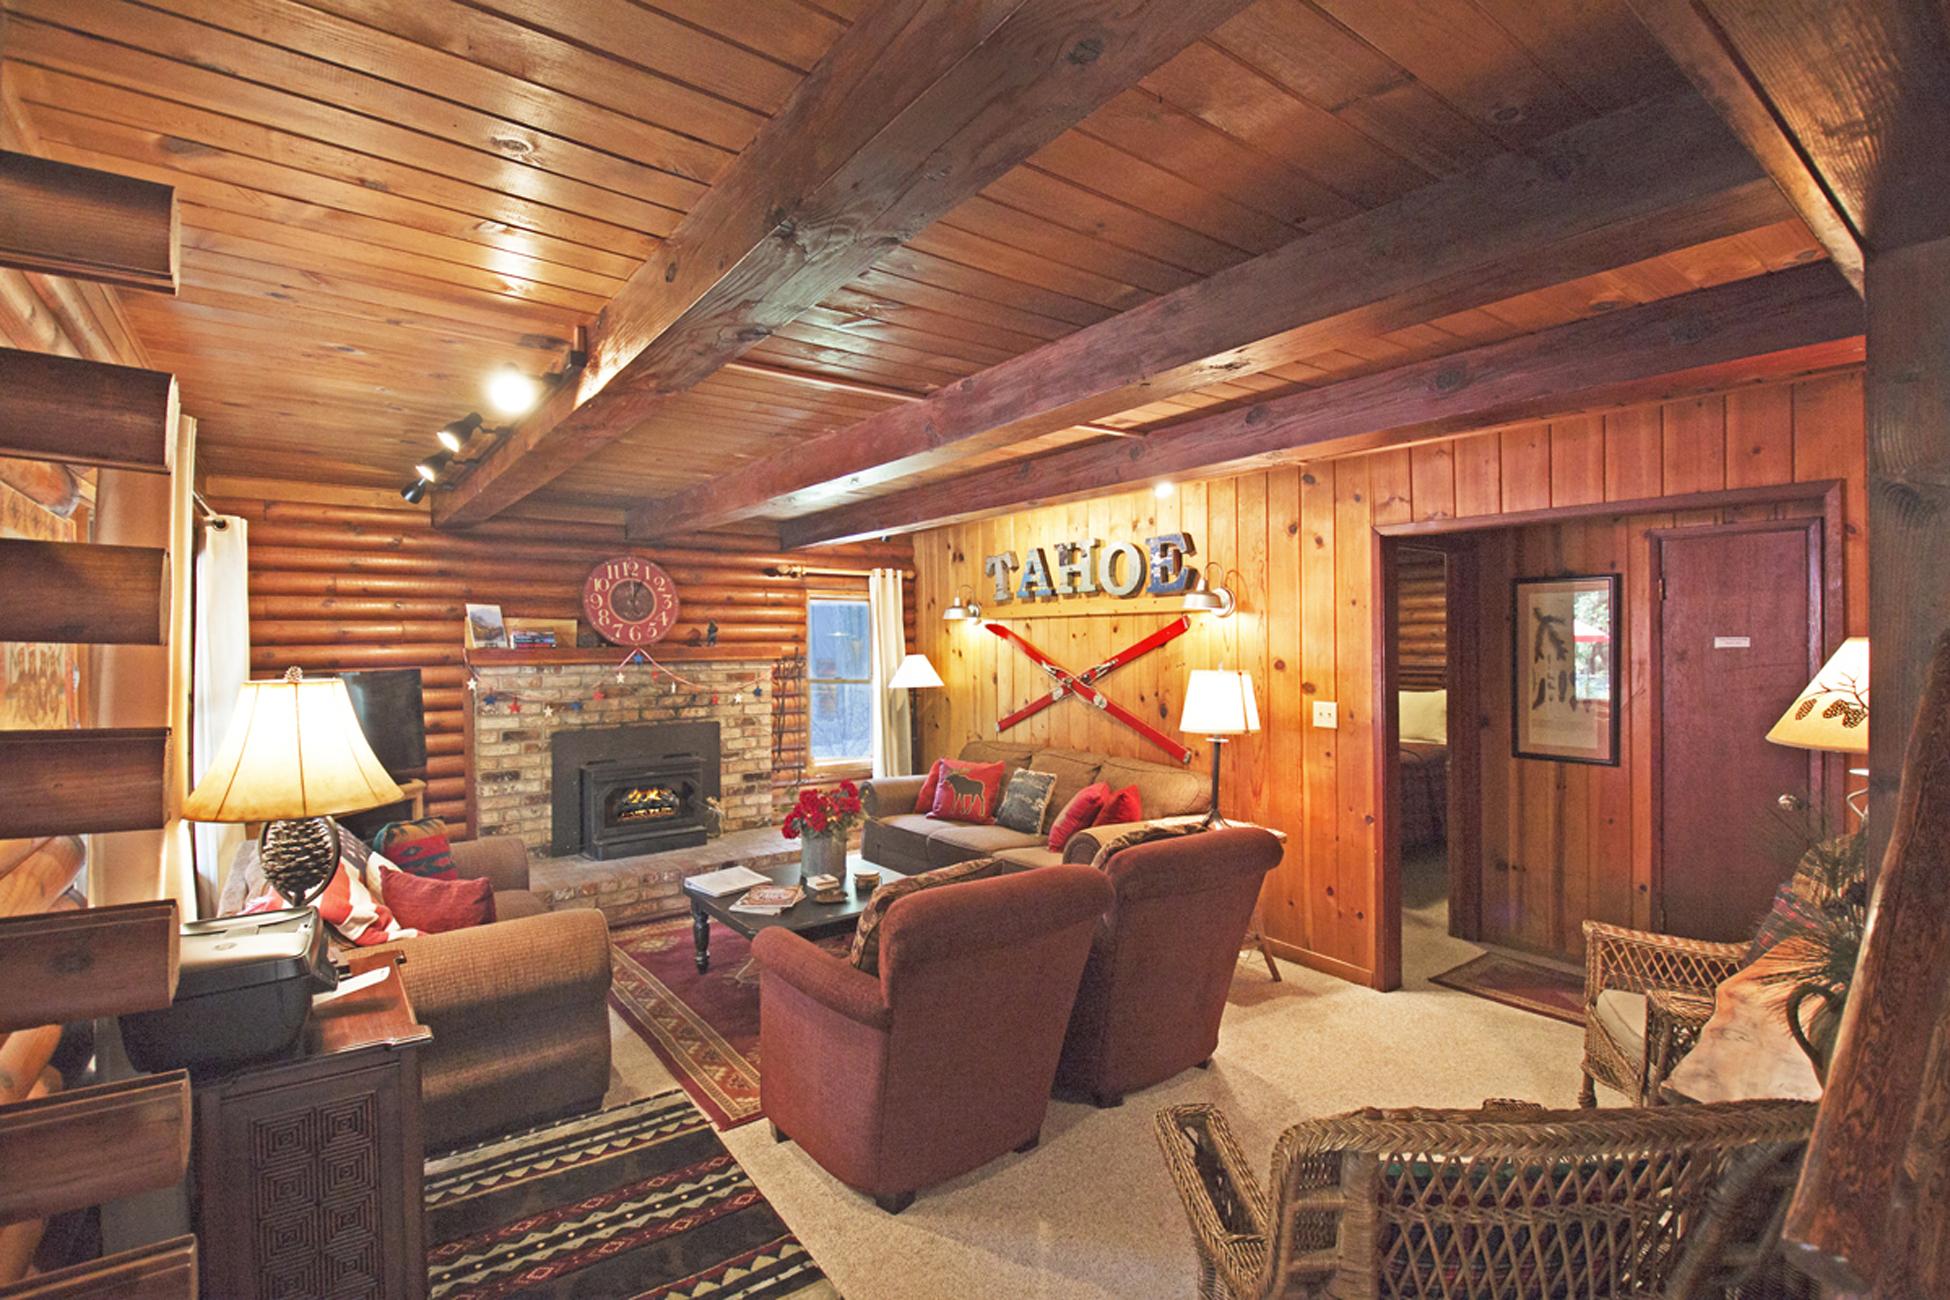 Listing Image 6 for Karley's Lake Lodge